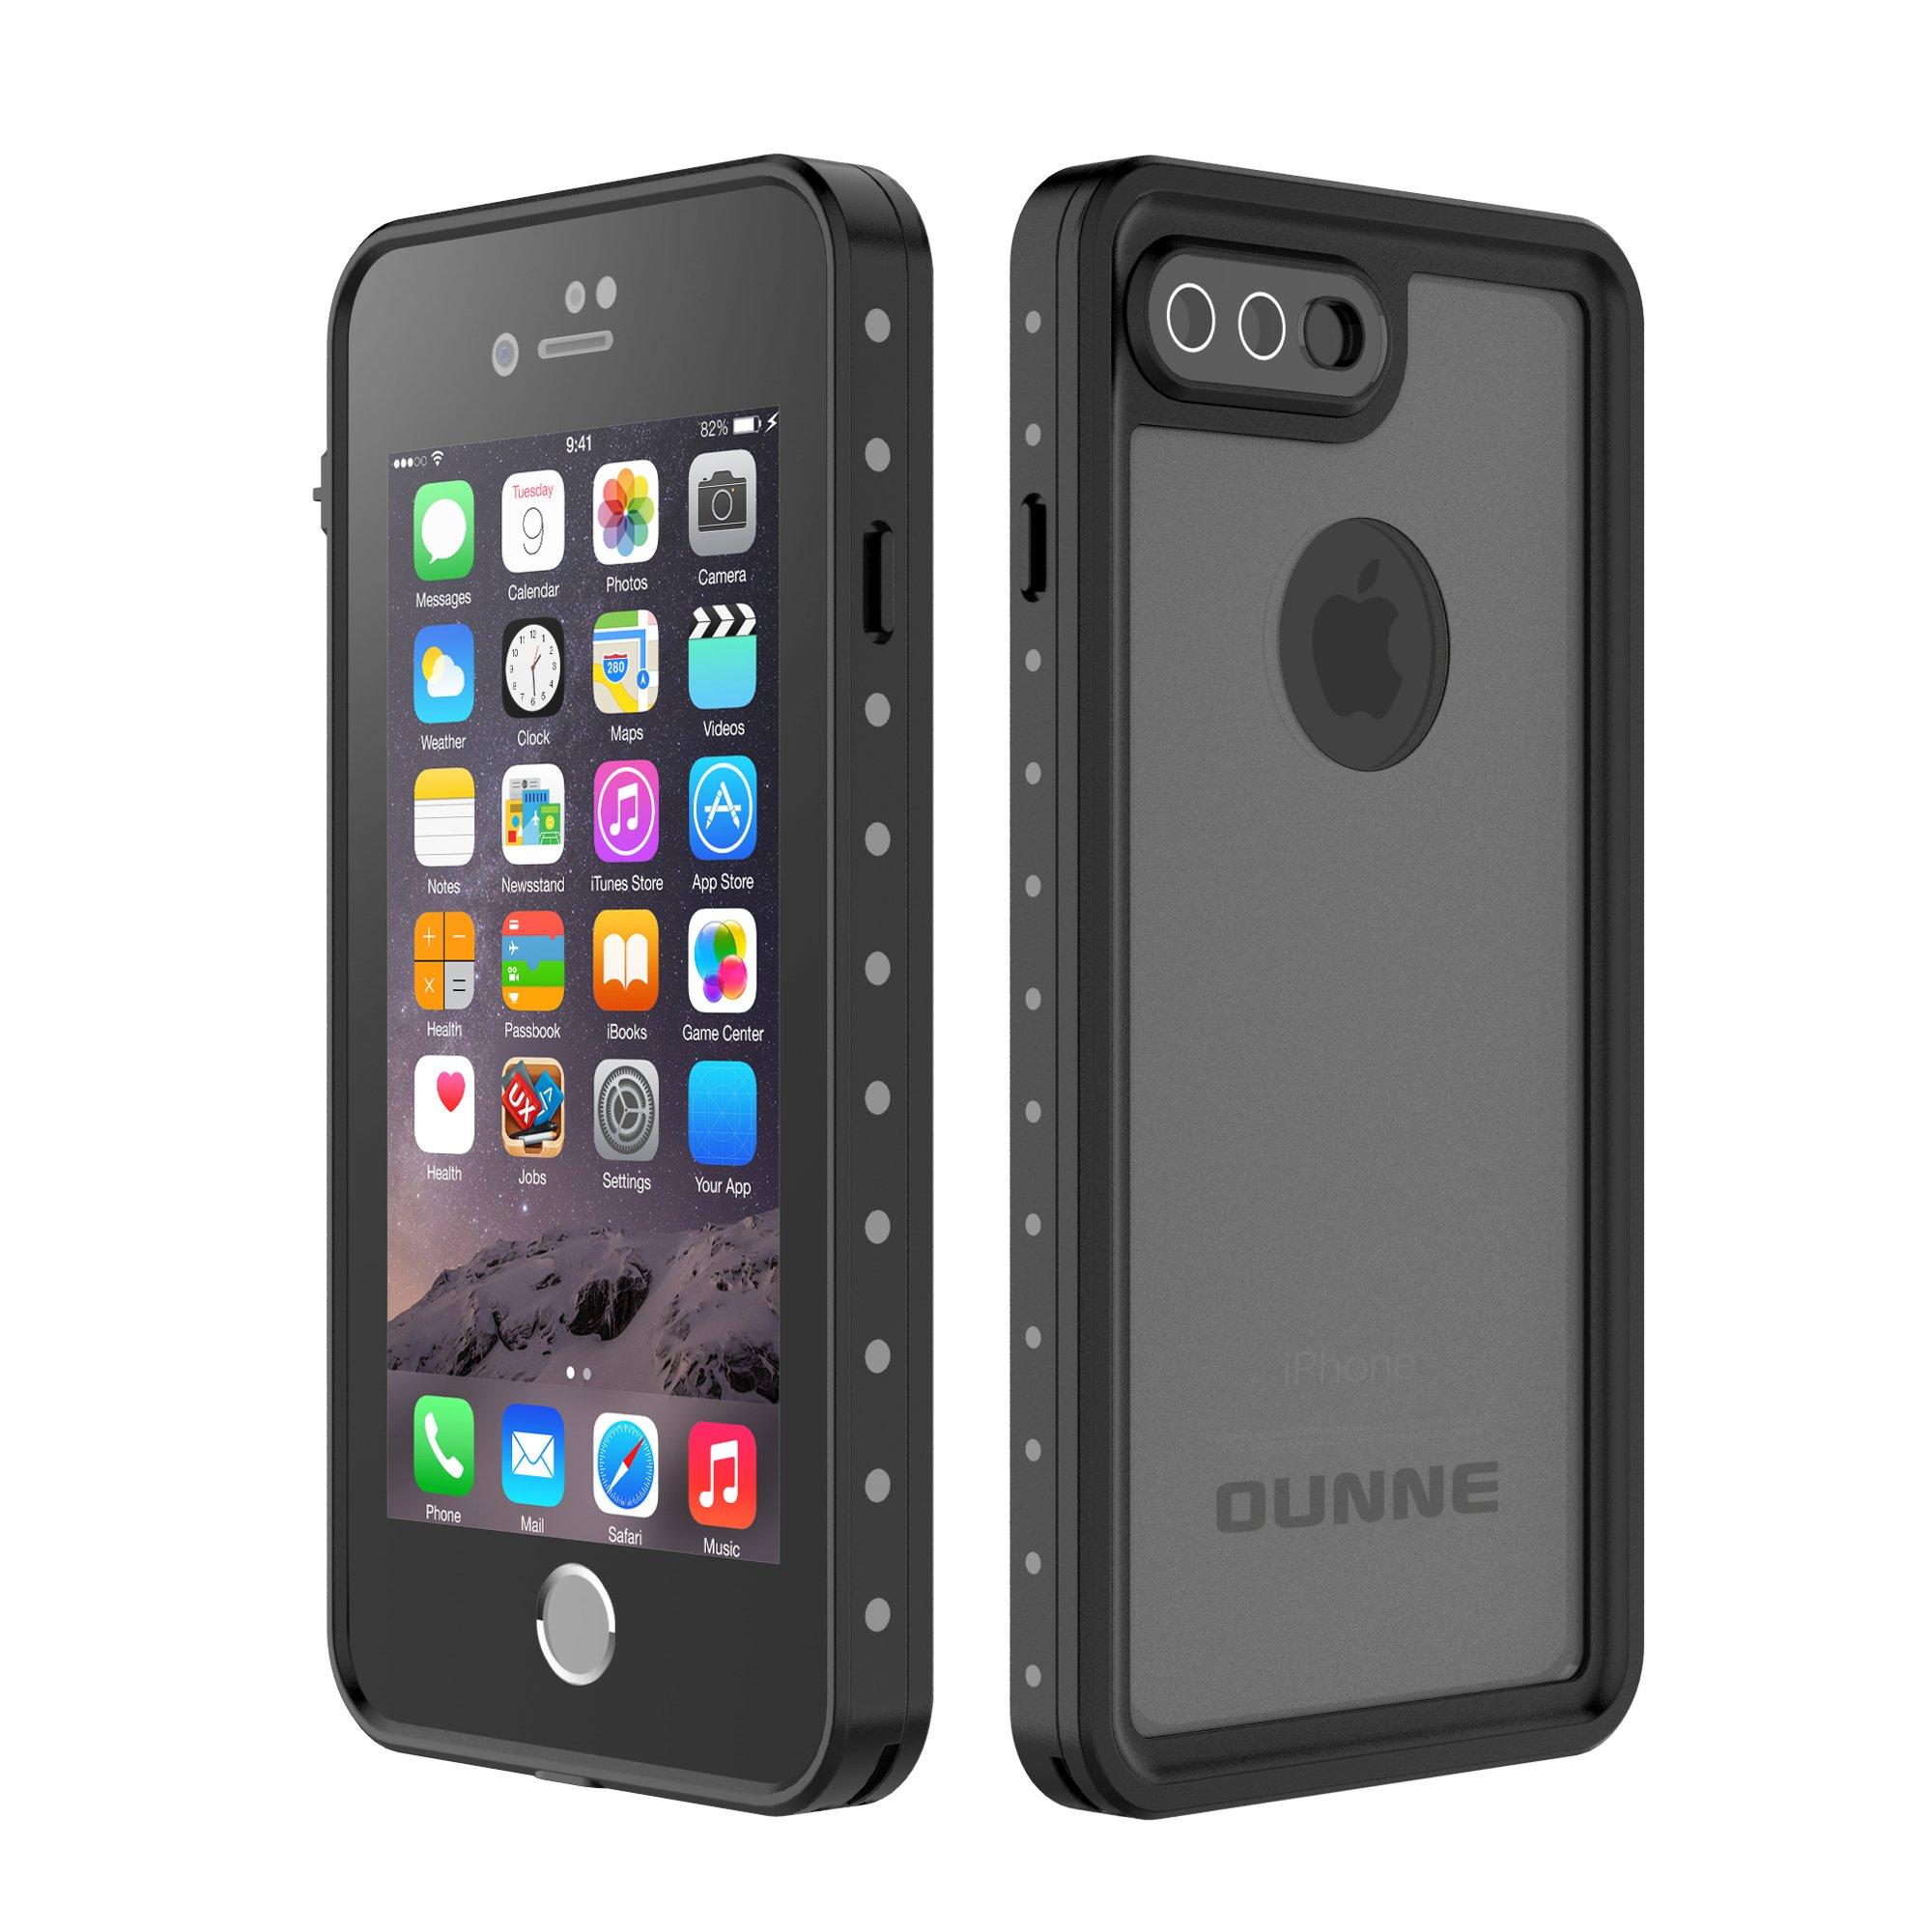 iPhone 7 Plus/8 Plus Waterproof Case, OUNNE Underwater Full Sealed Cover Snowproof Shockproof Dirtproof IP68 Certified Waterproof Case for iPhone 7 Plus/8 Plus 5.5inch